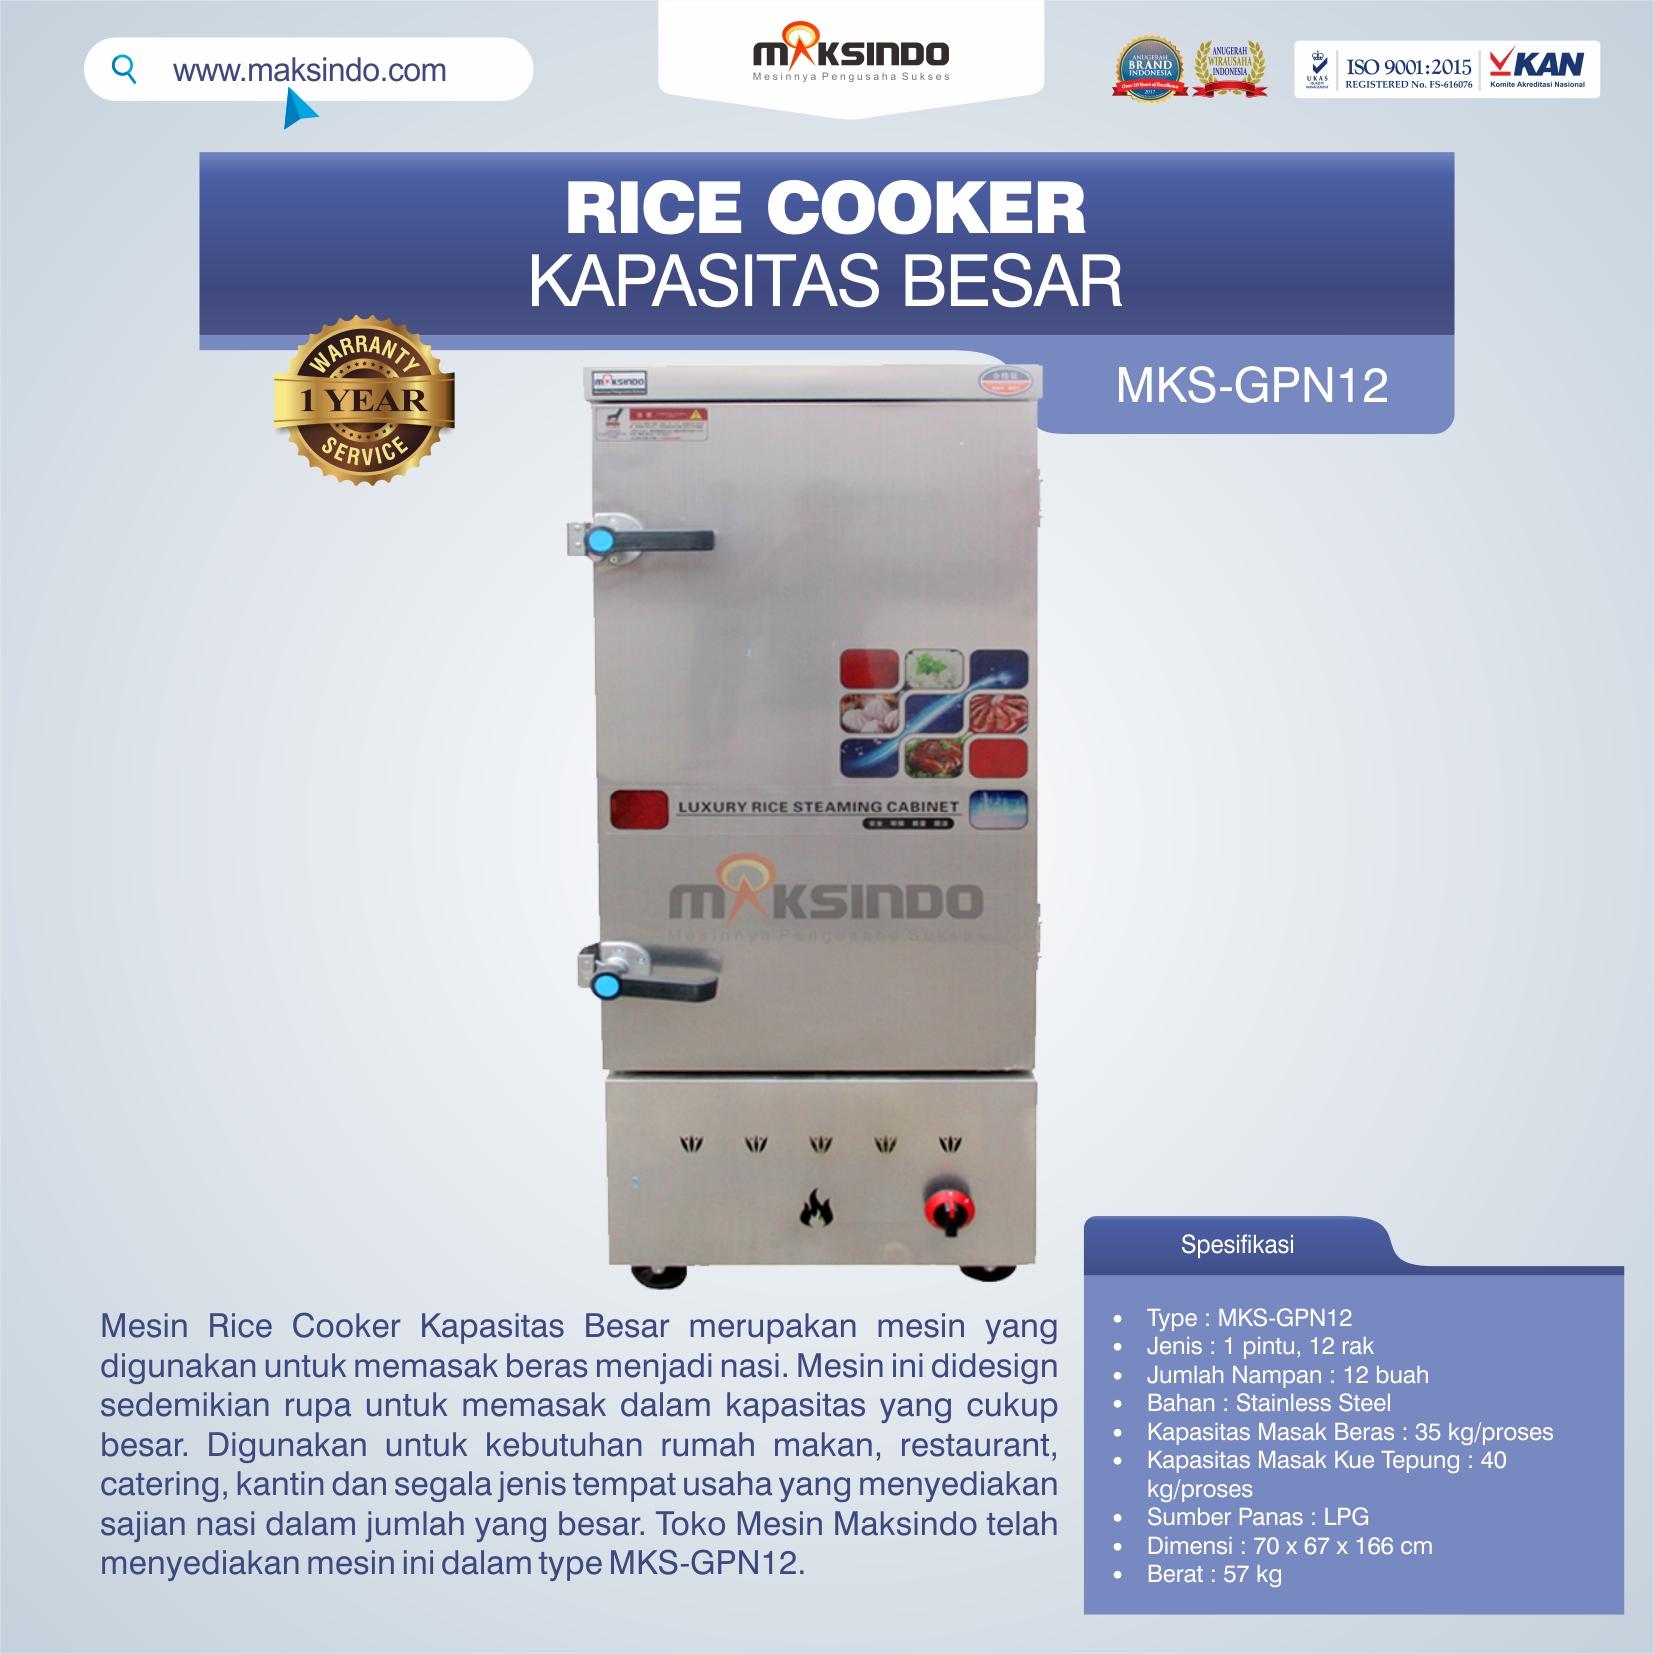 Jual Mesin Rice Cooker Kapasitas Besar MKS-GPN12 di Pekanbaru